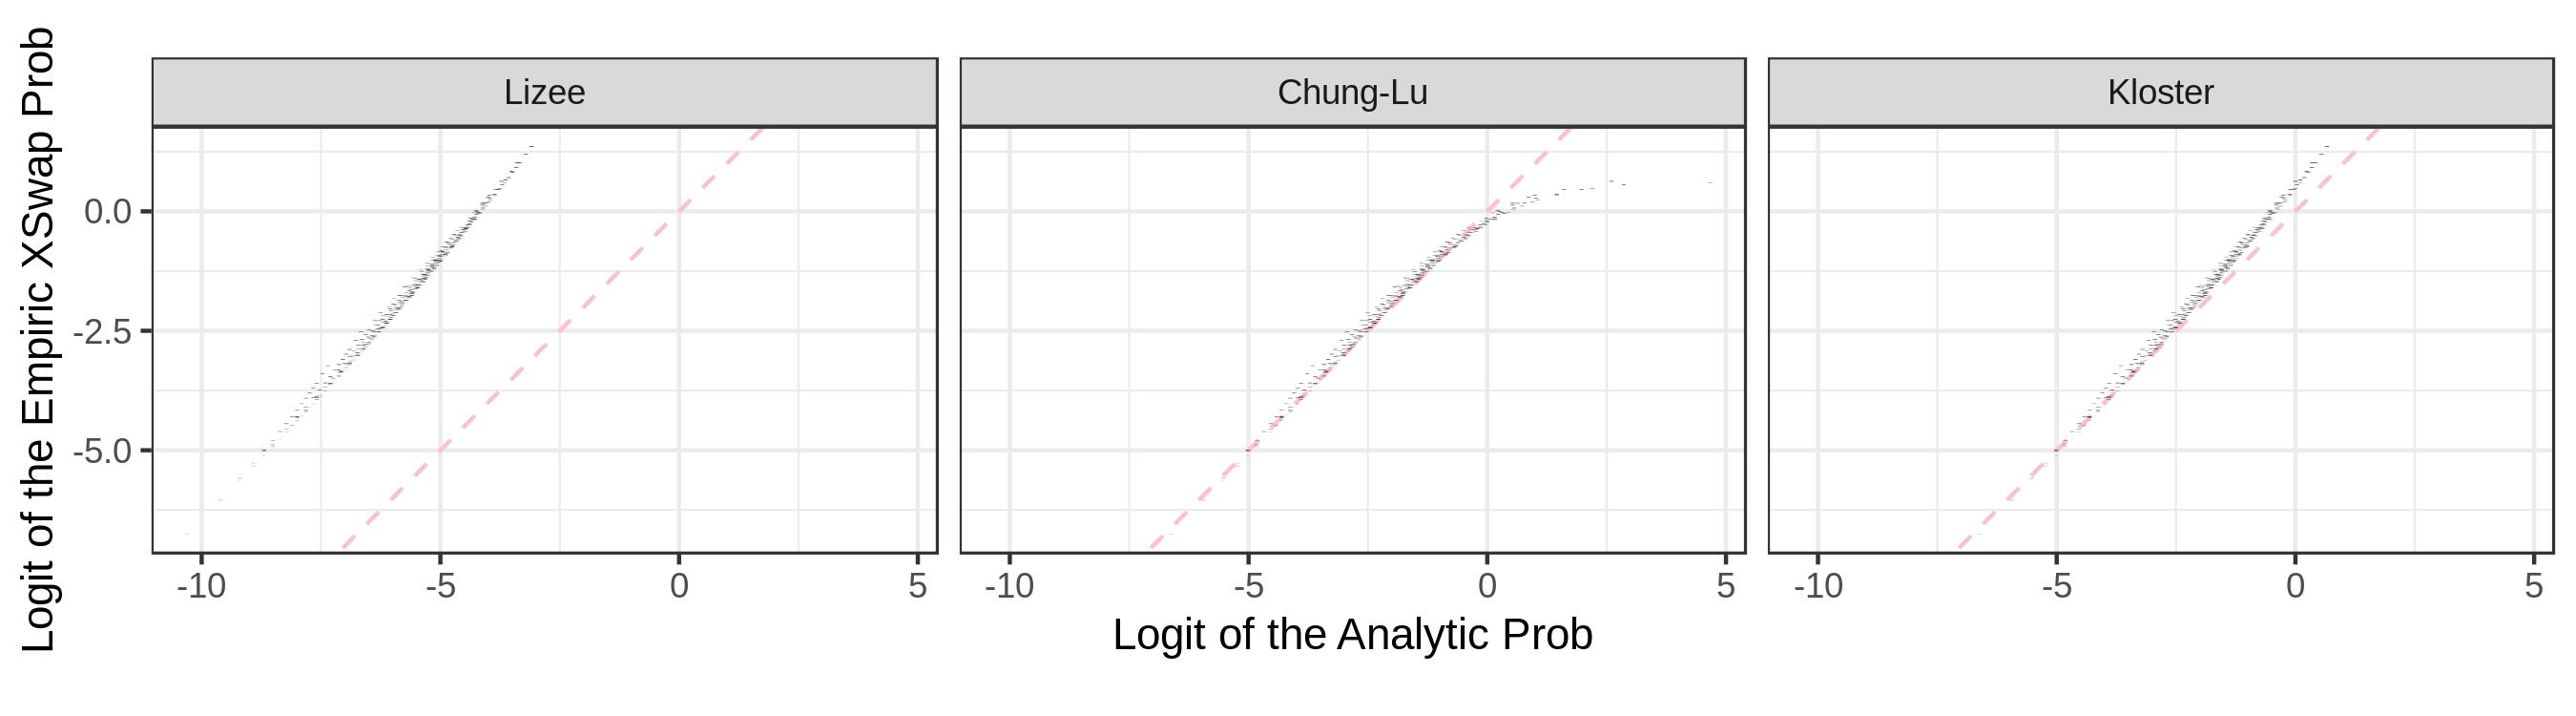 estimated-xswap-priors